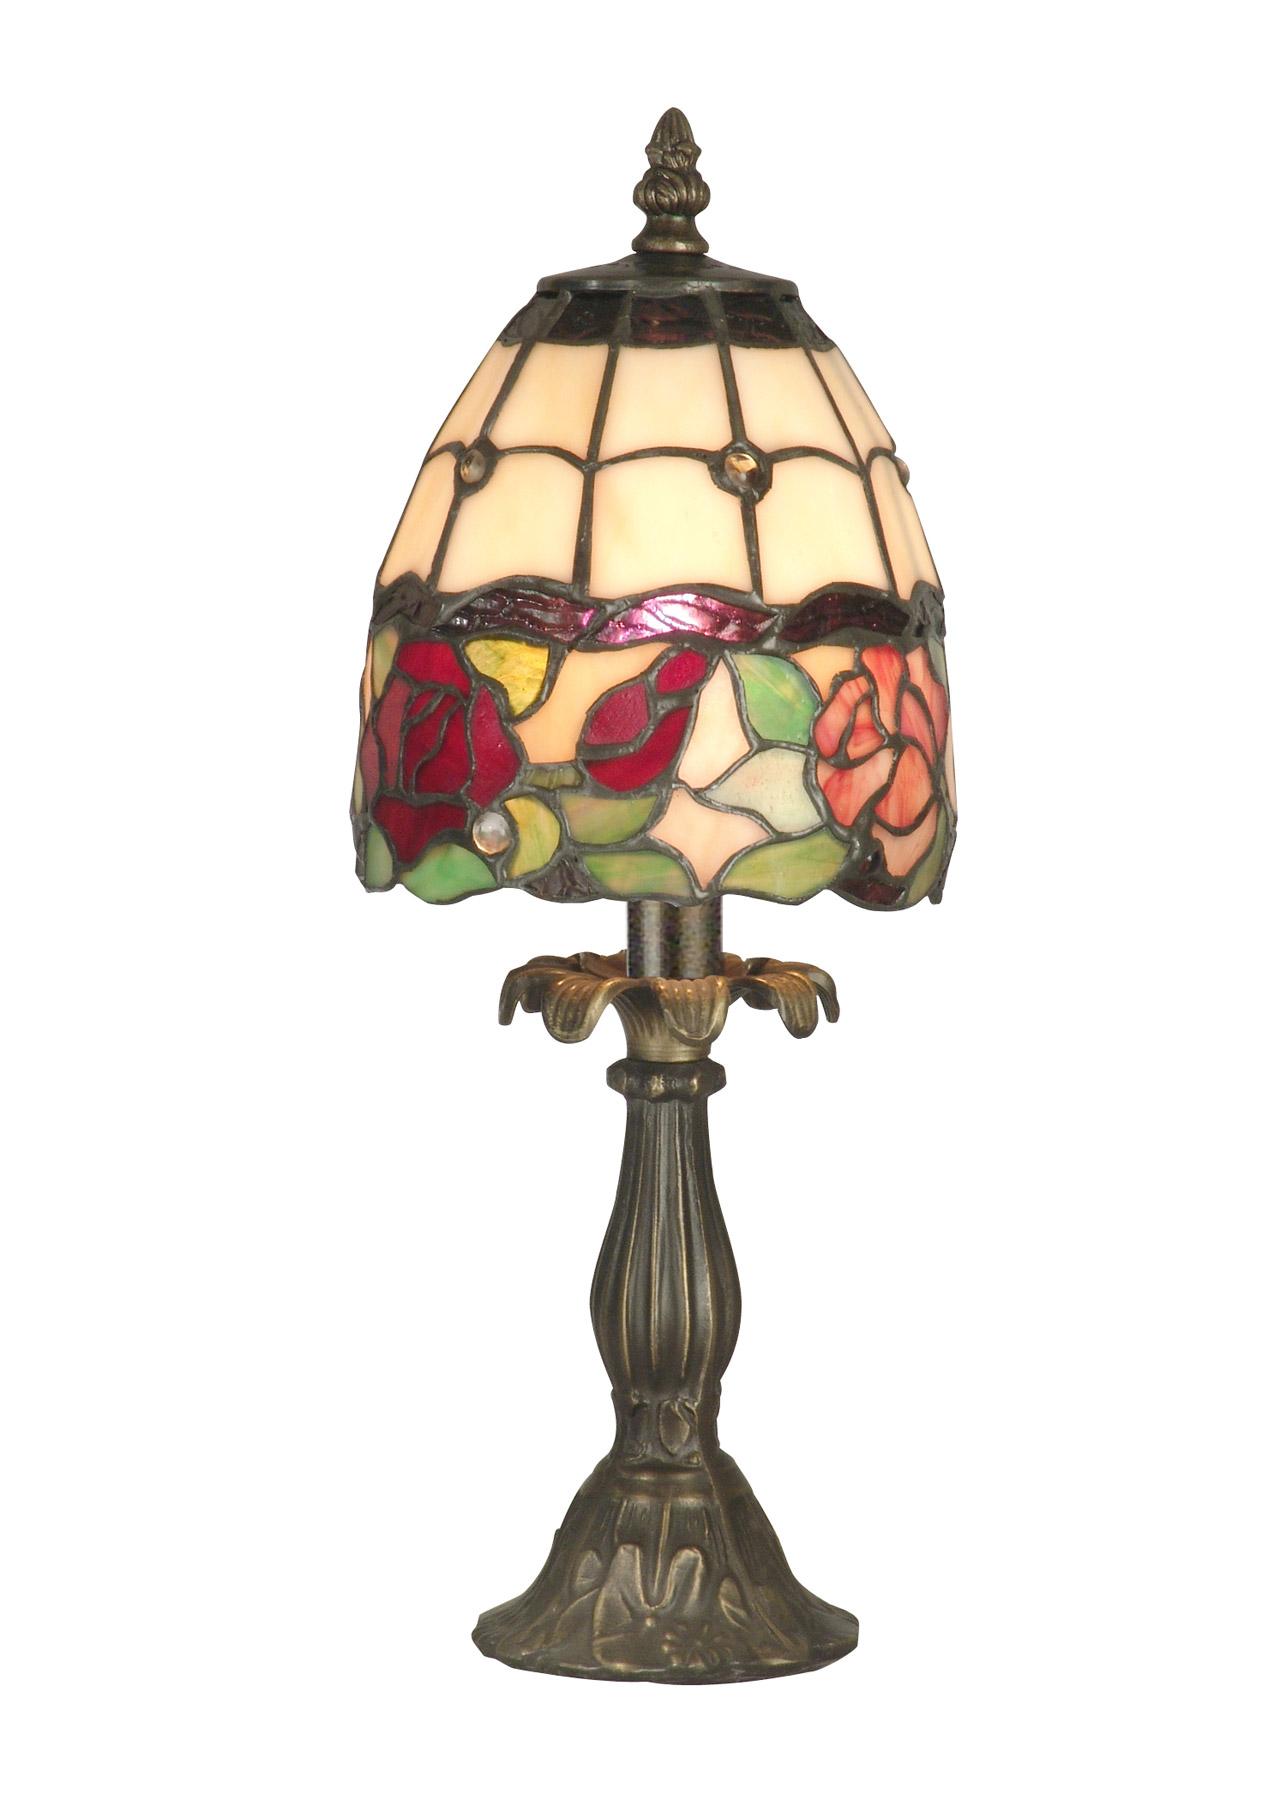 Dale Tiffany Ta70711 Tiffany Enid Miniature Accent Lamp